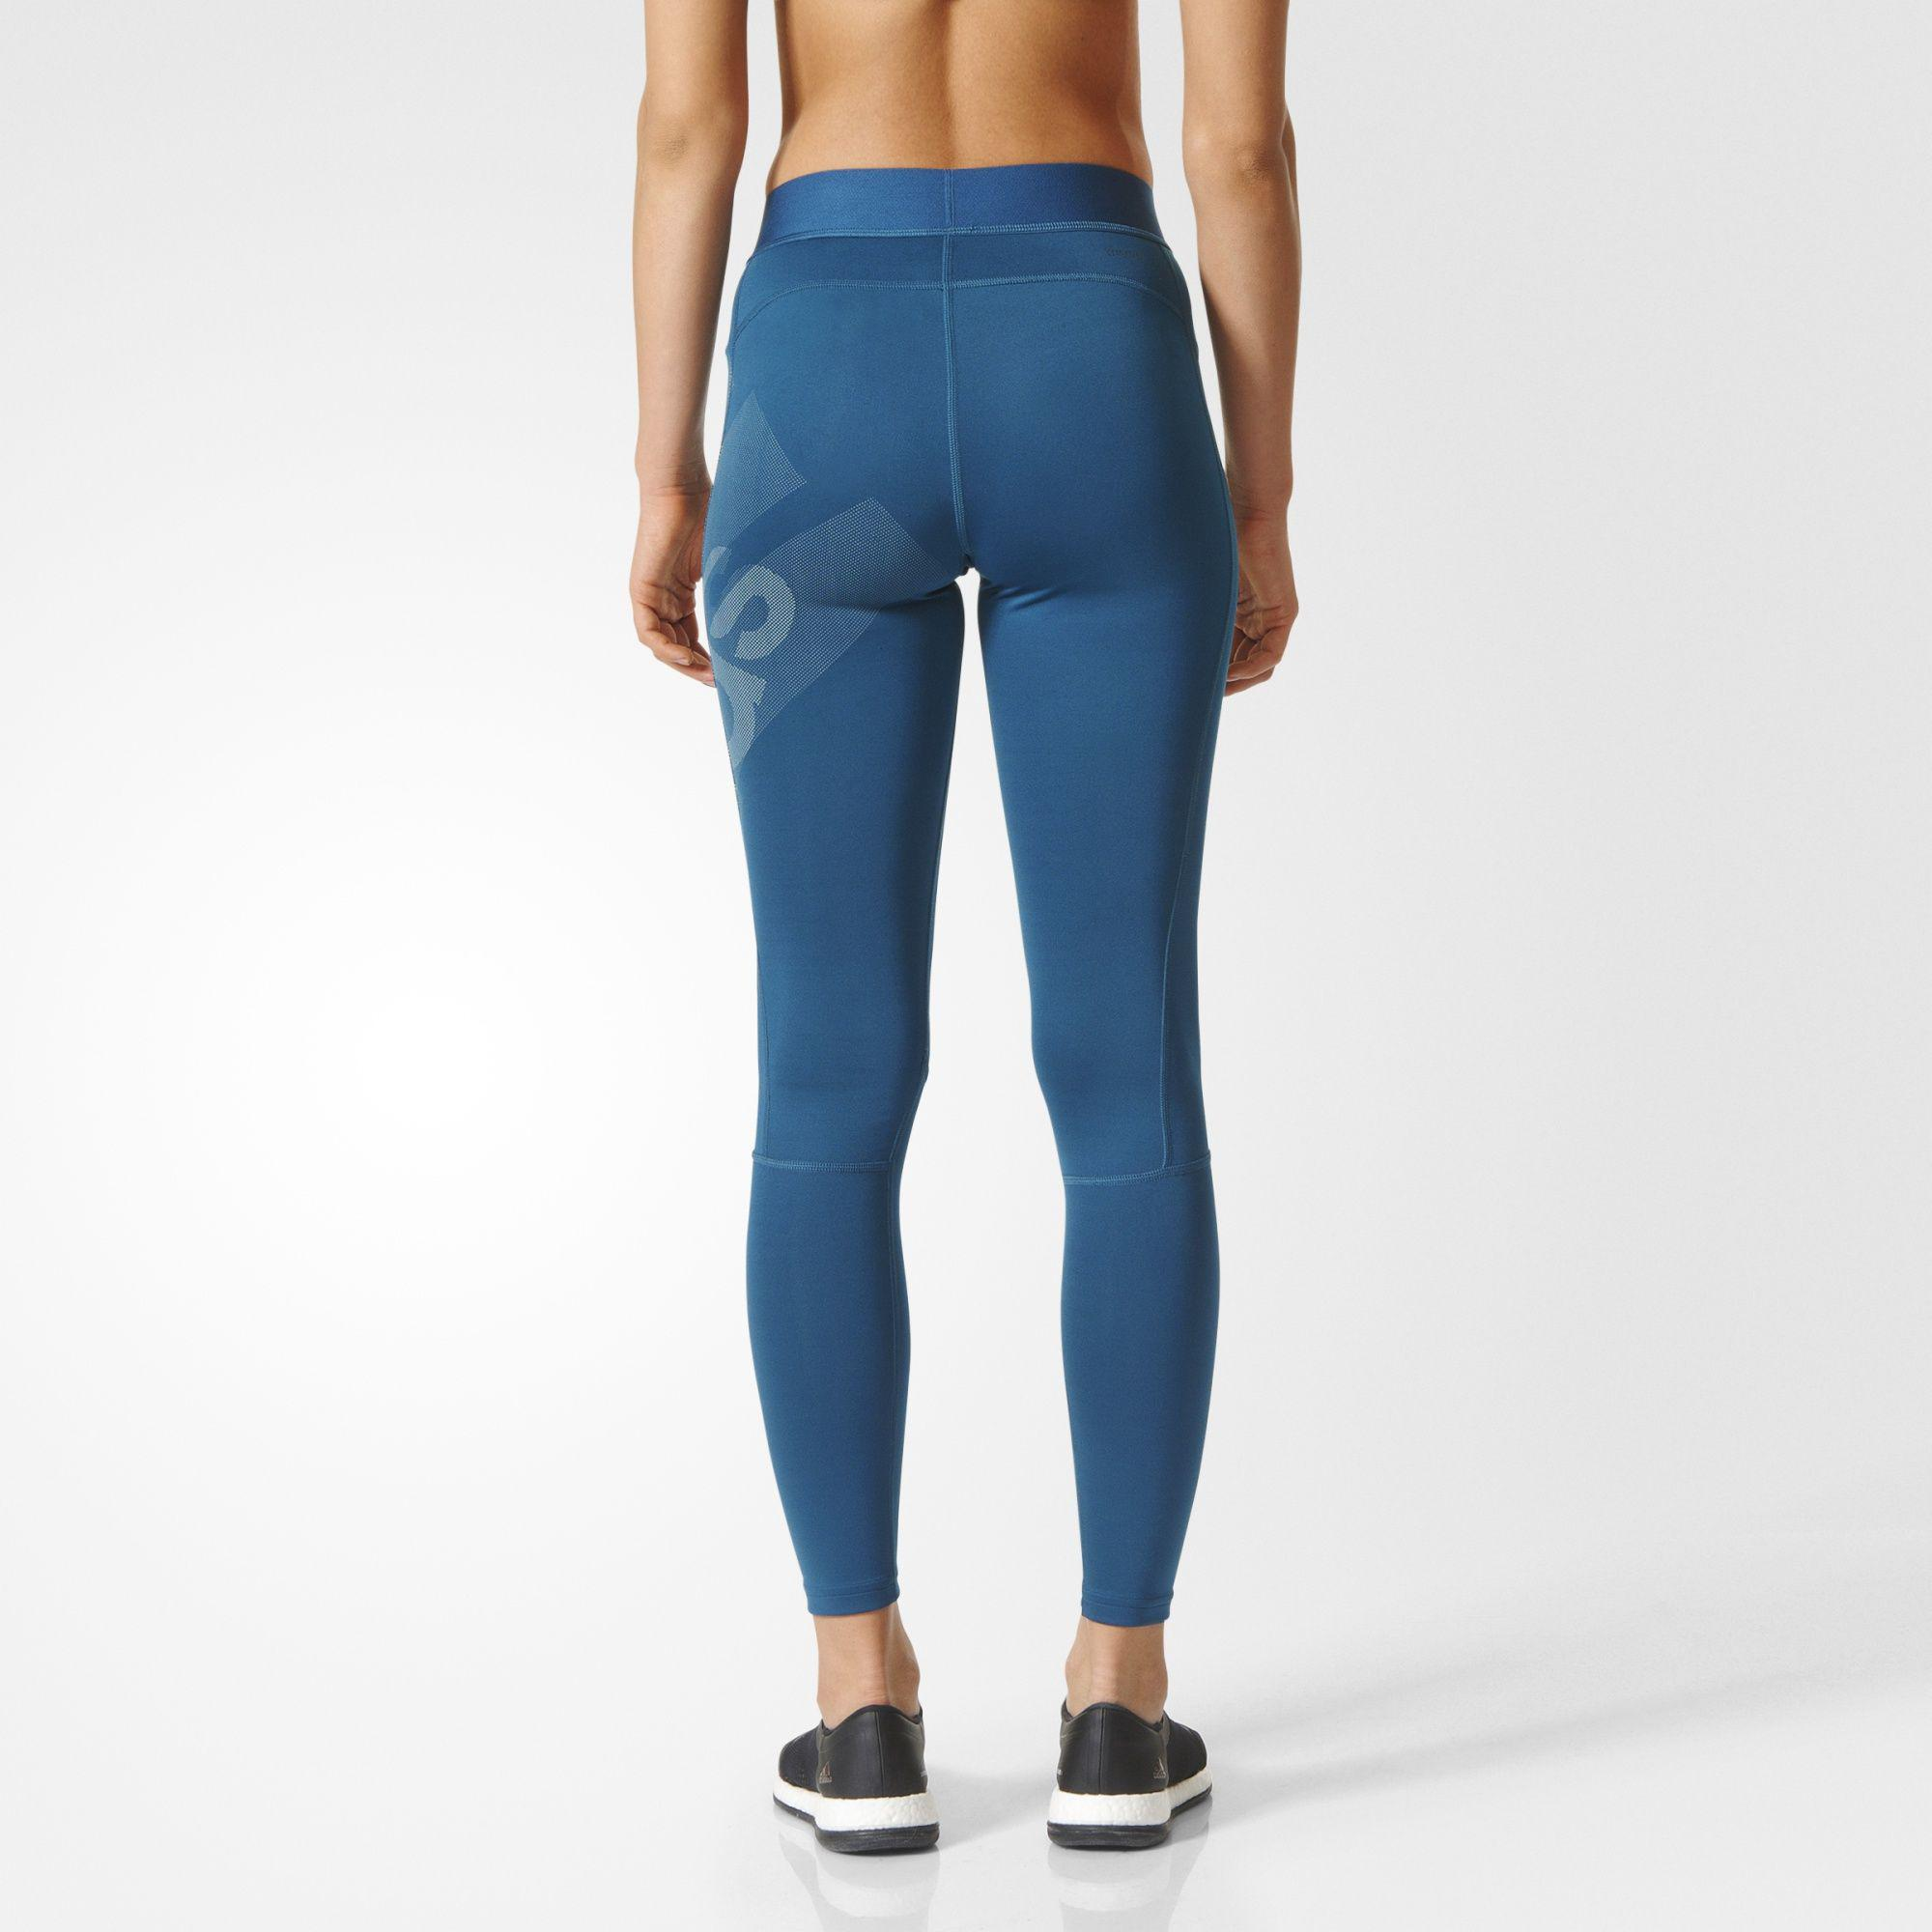 Adidas Women's Techfit Long Tights   RRP £45 Women's Clothing